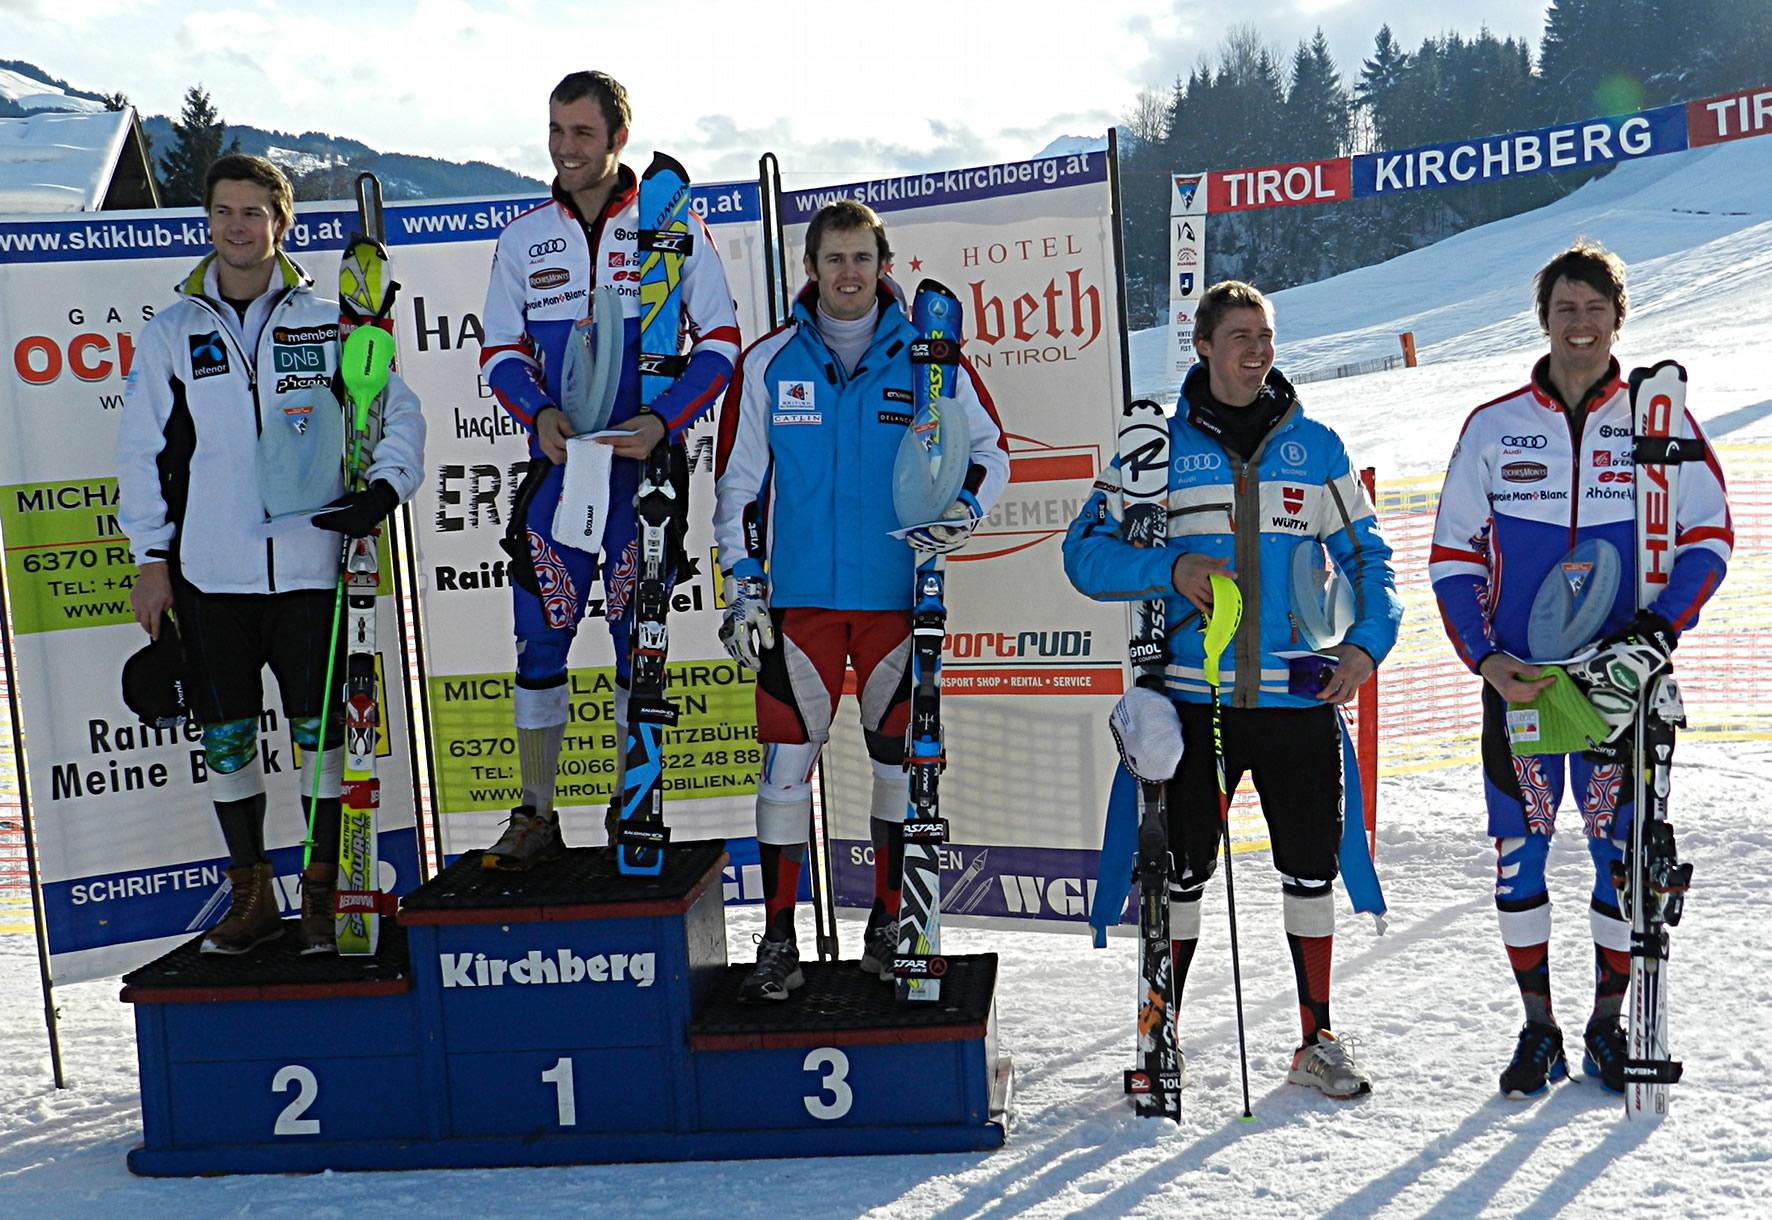 Siegerpodest - EC Slalom in Kirchberg